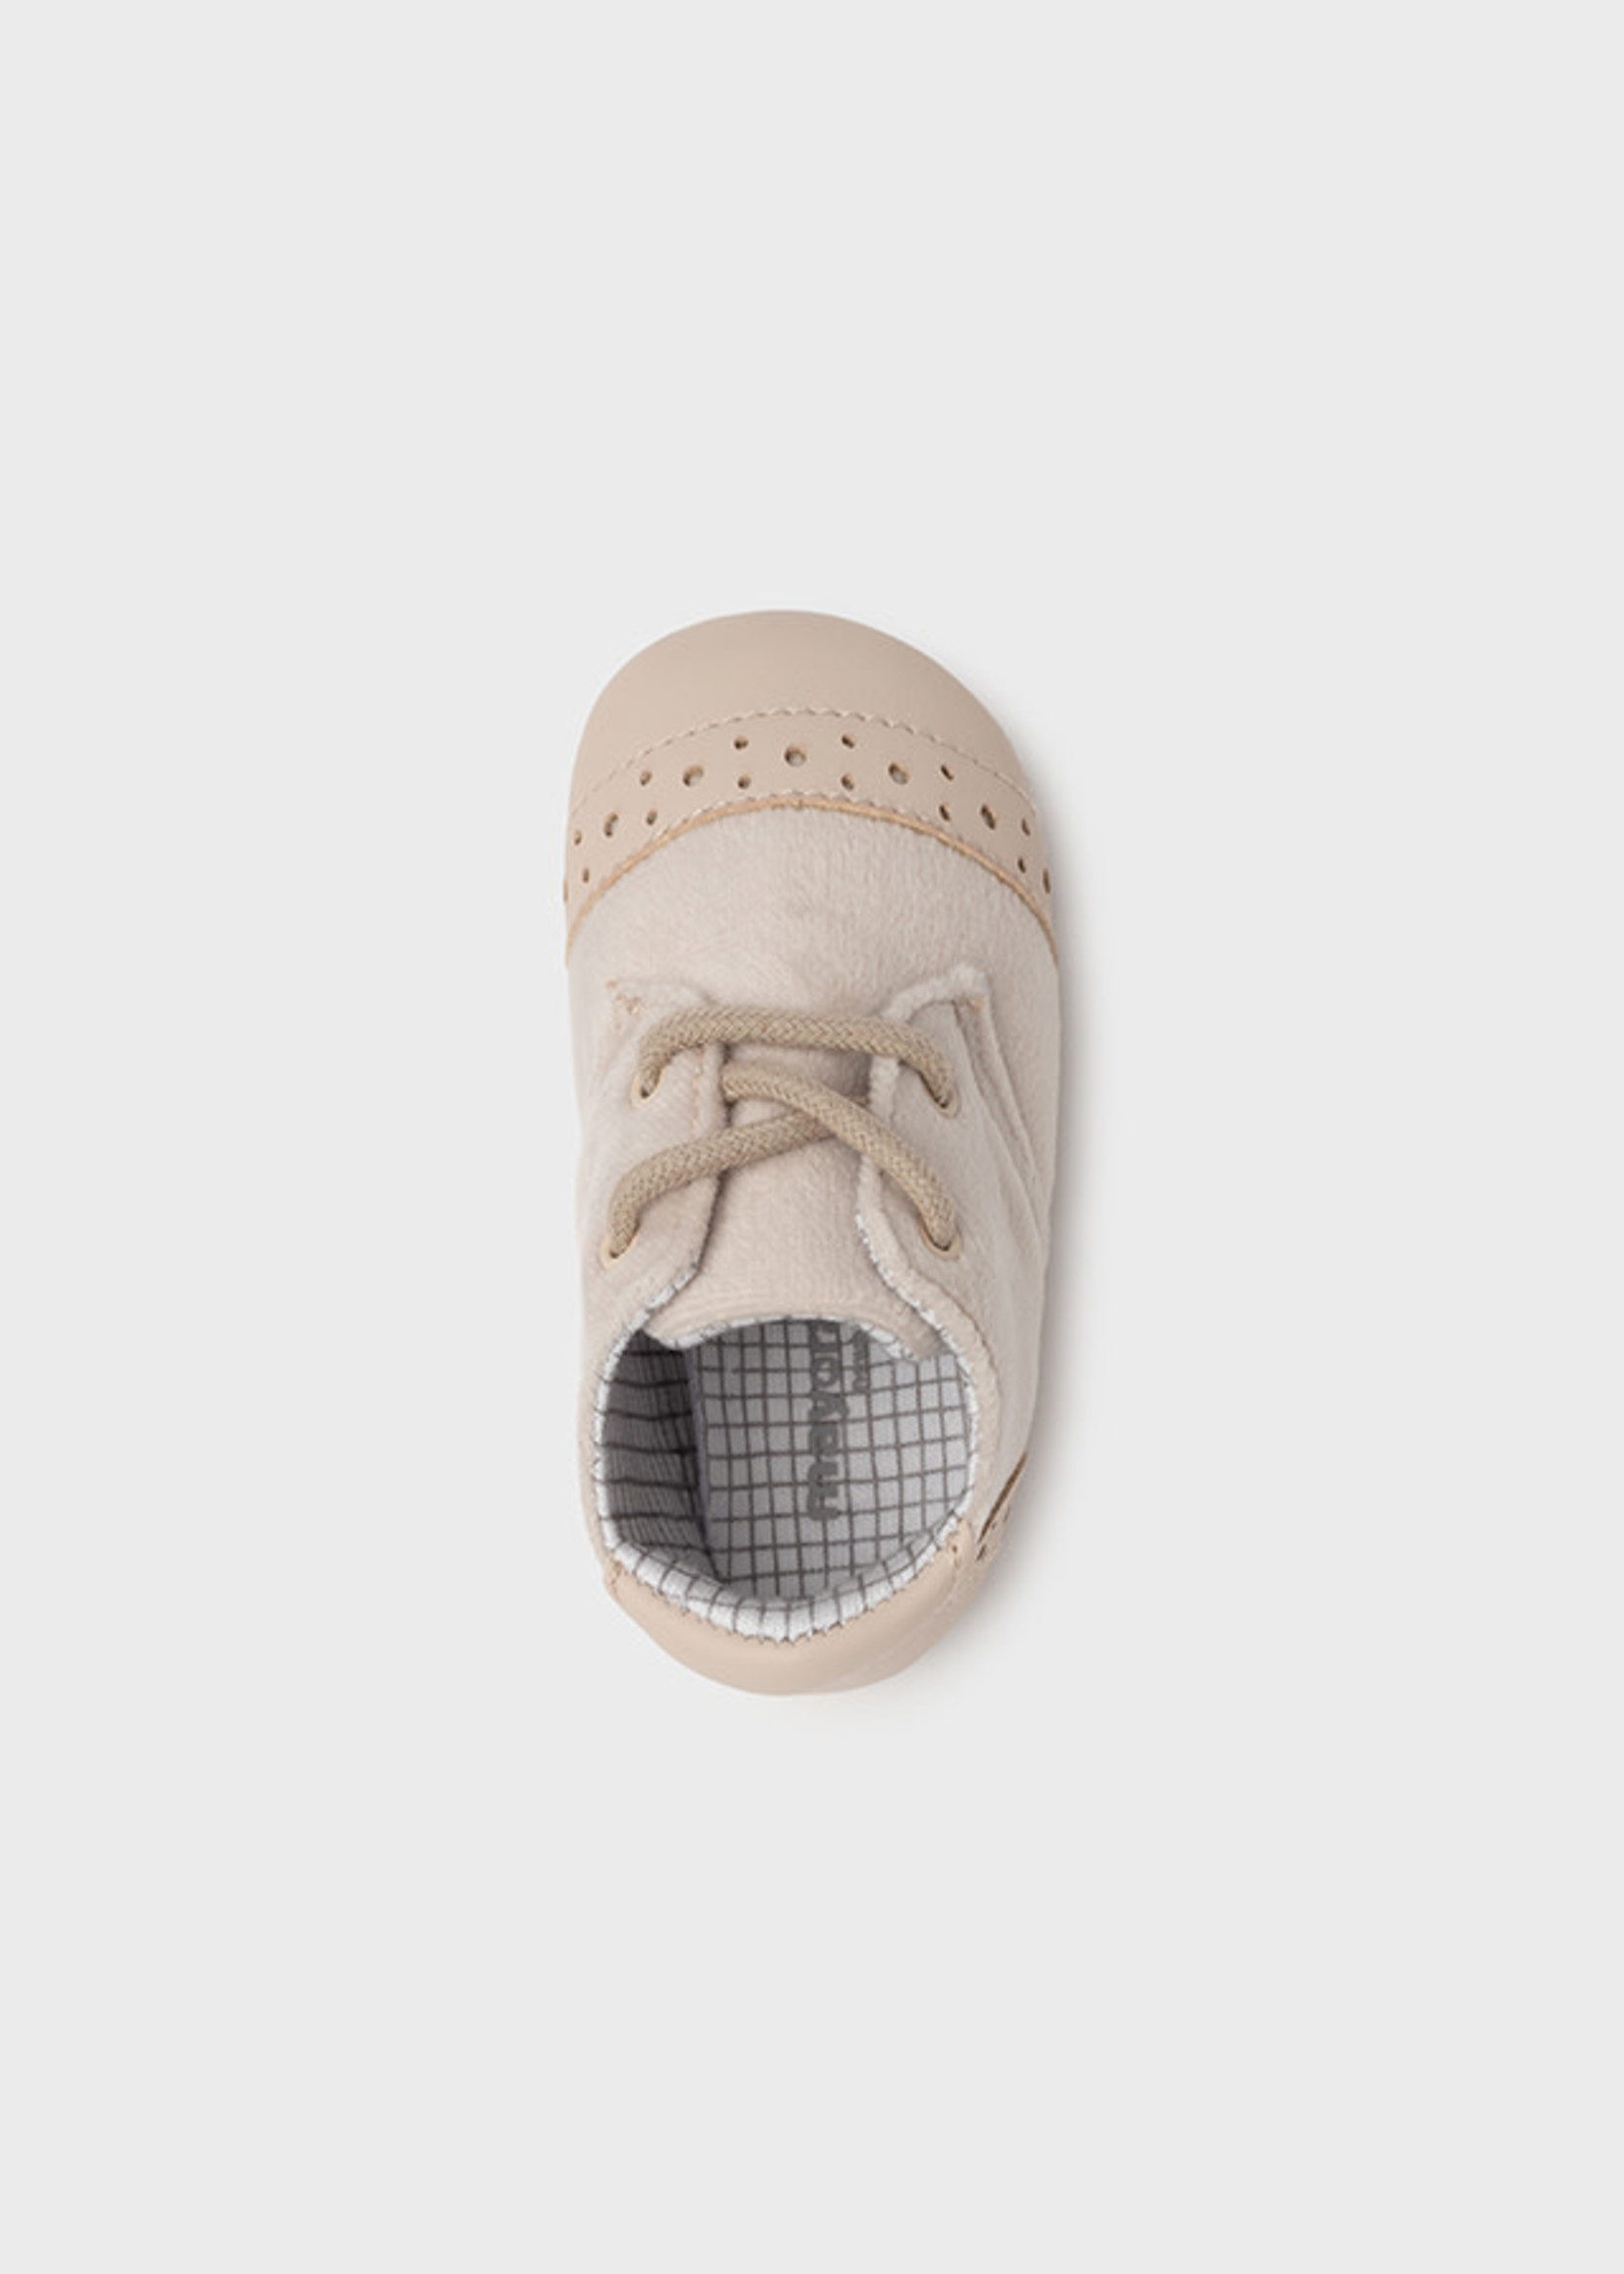 MAYORAL MAYORAL Schoentjes veters beige